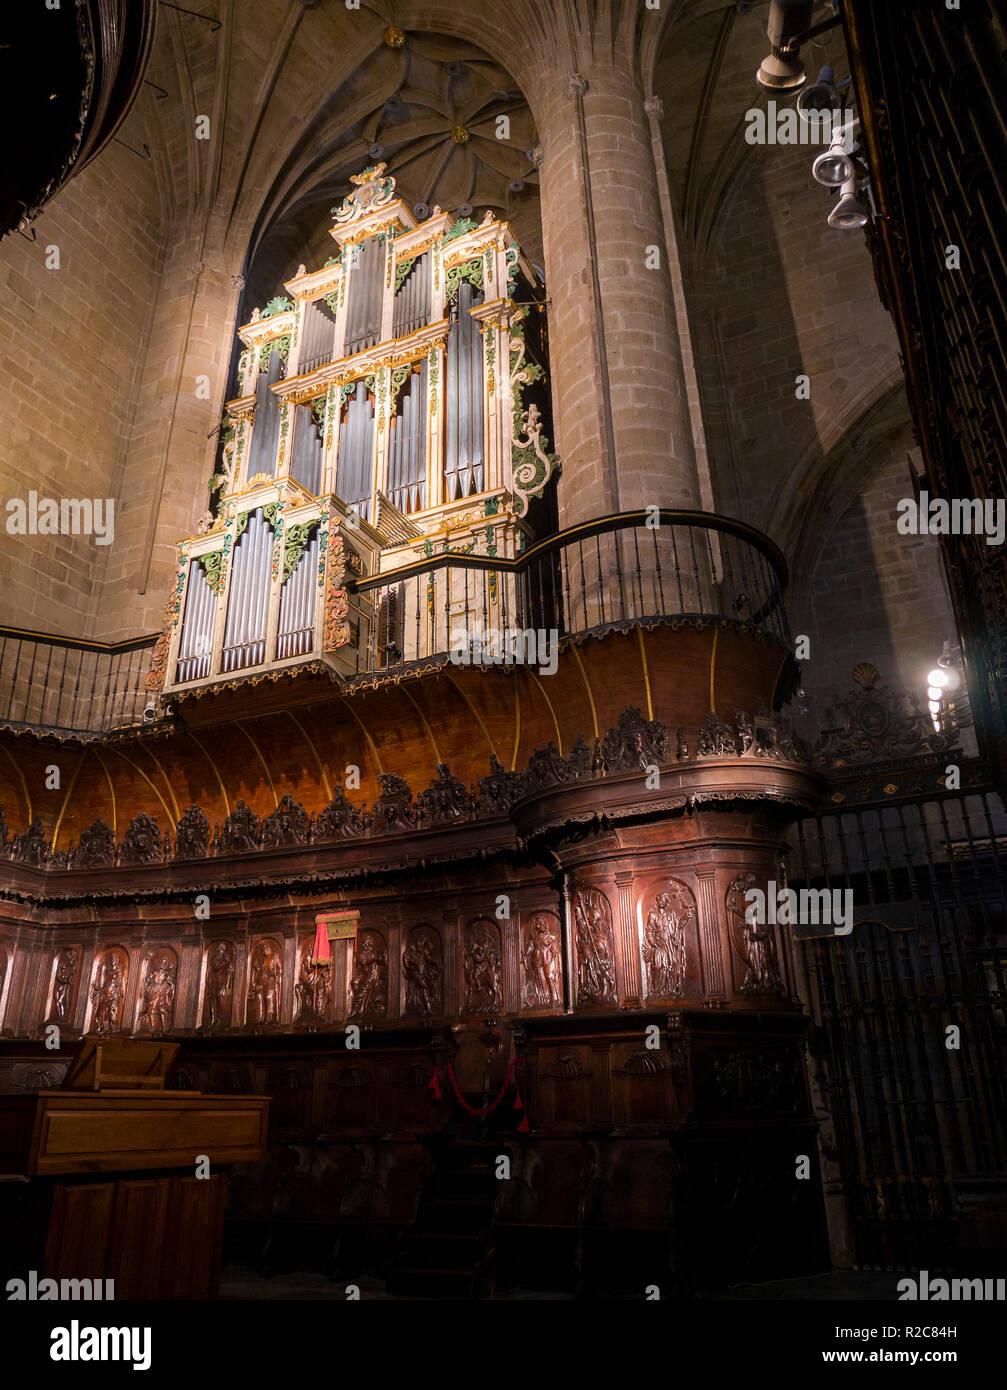 Órgano y coro de la Concatedral de Santa María de la redonda. En Logroño. La Rioja. España Imagen De Stock